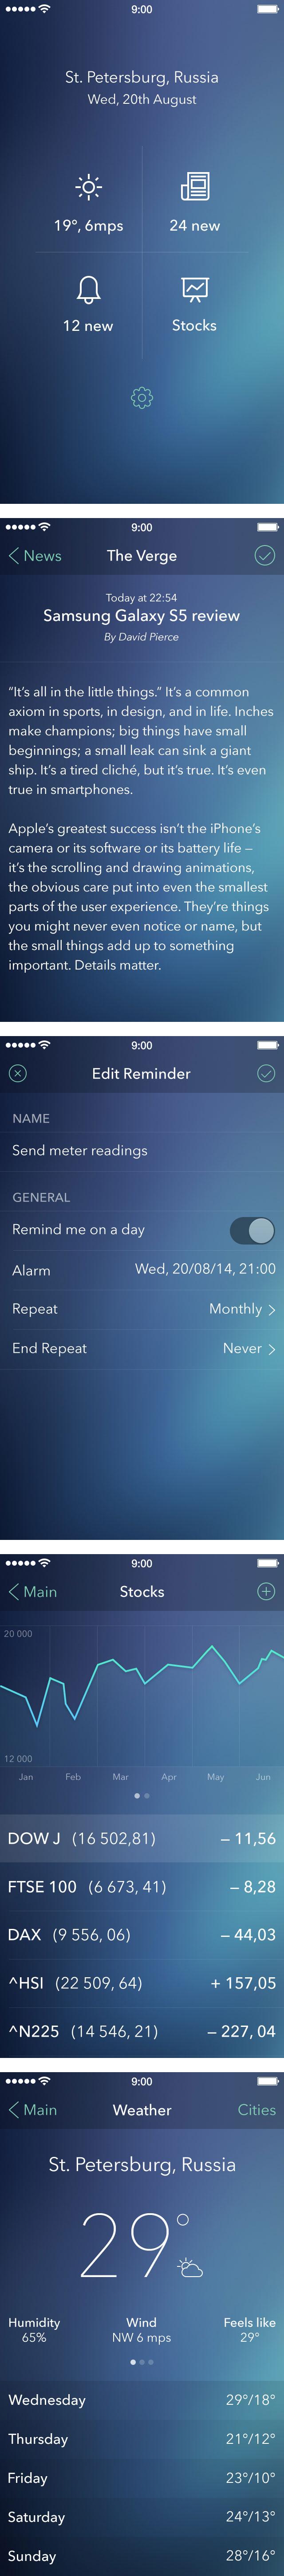 WRNC-App-UI-PSD